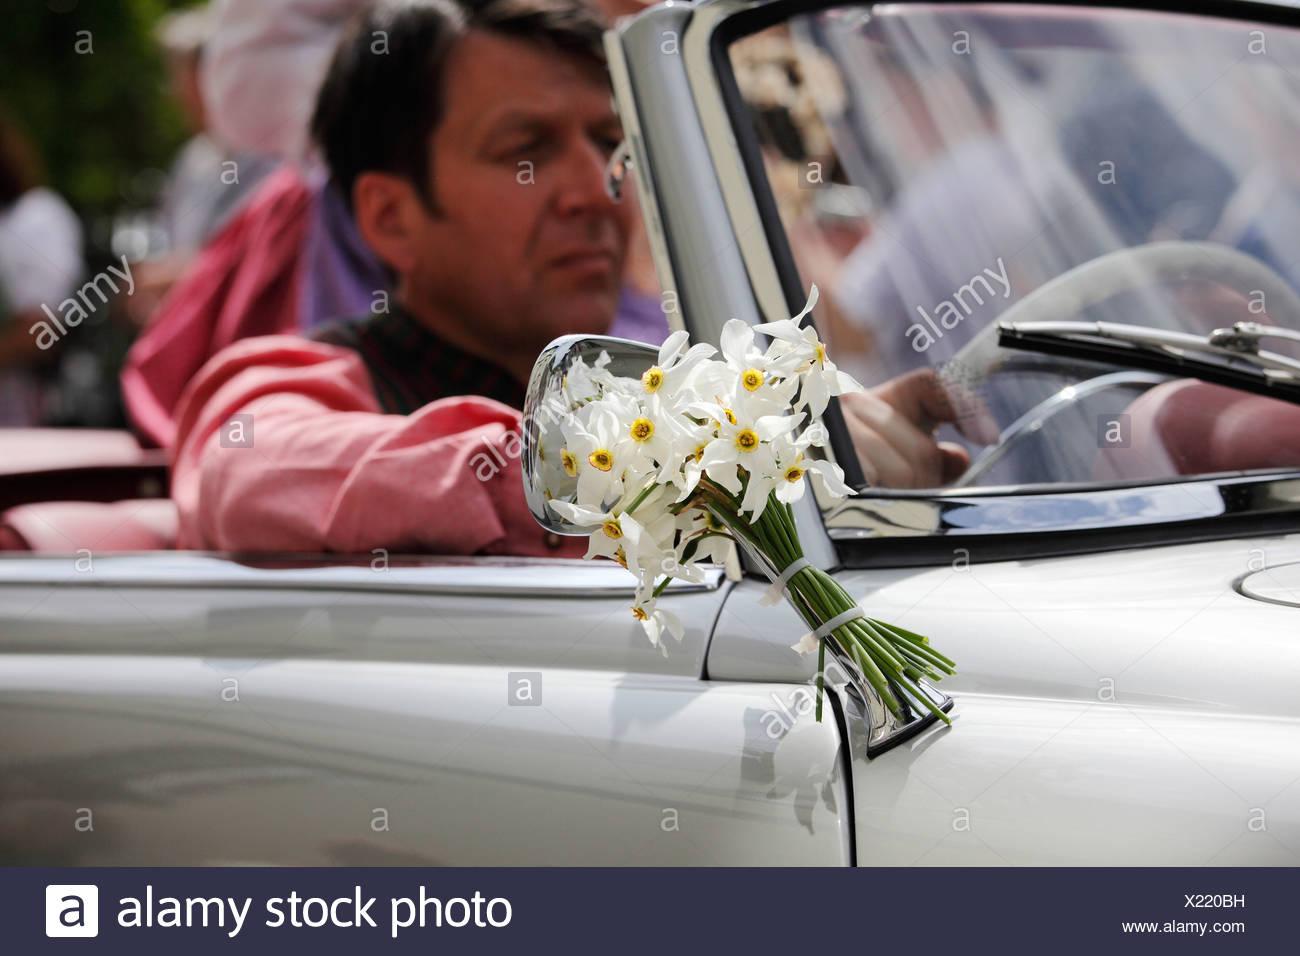 Oldtimer dekoriert mit einem Bündel von Narzissen, Narzissenfest Narcissus-Festival in Bad Aussee, Ausseer Land, Salzkammergut ar Stockbild